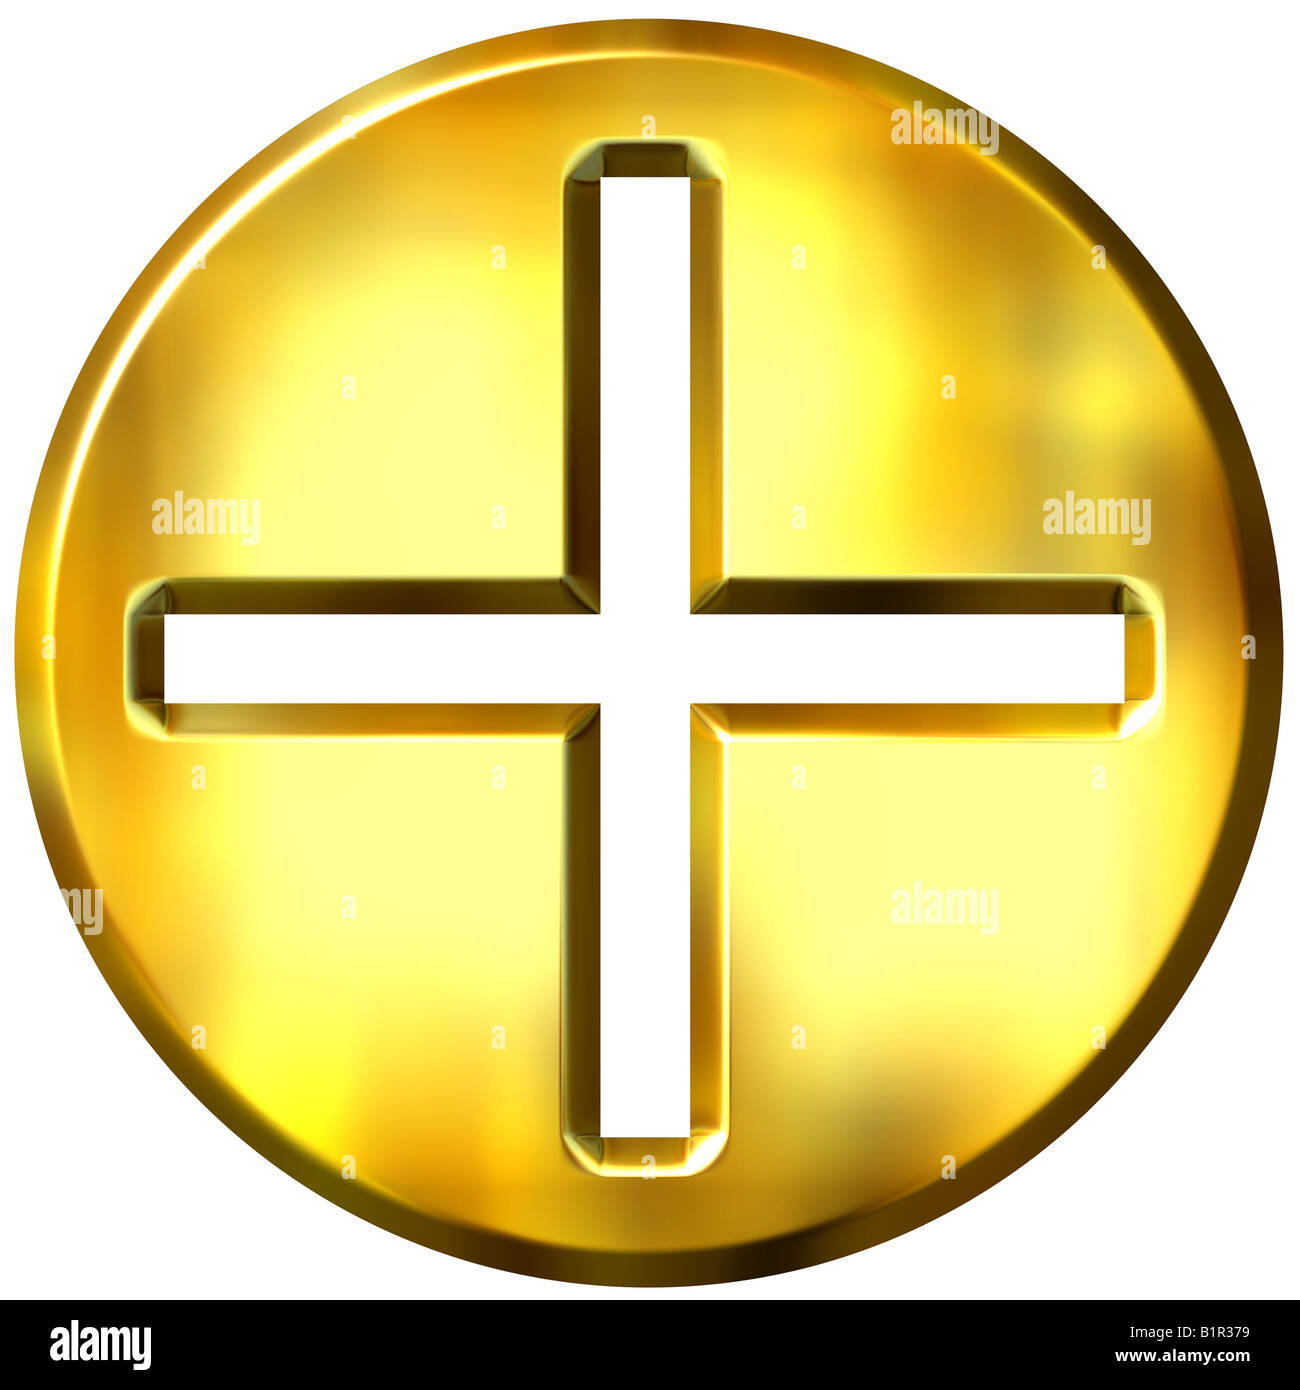 3d golden framed addition symbol - Stock Image